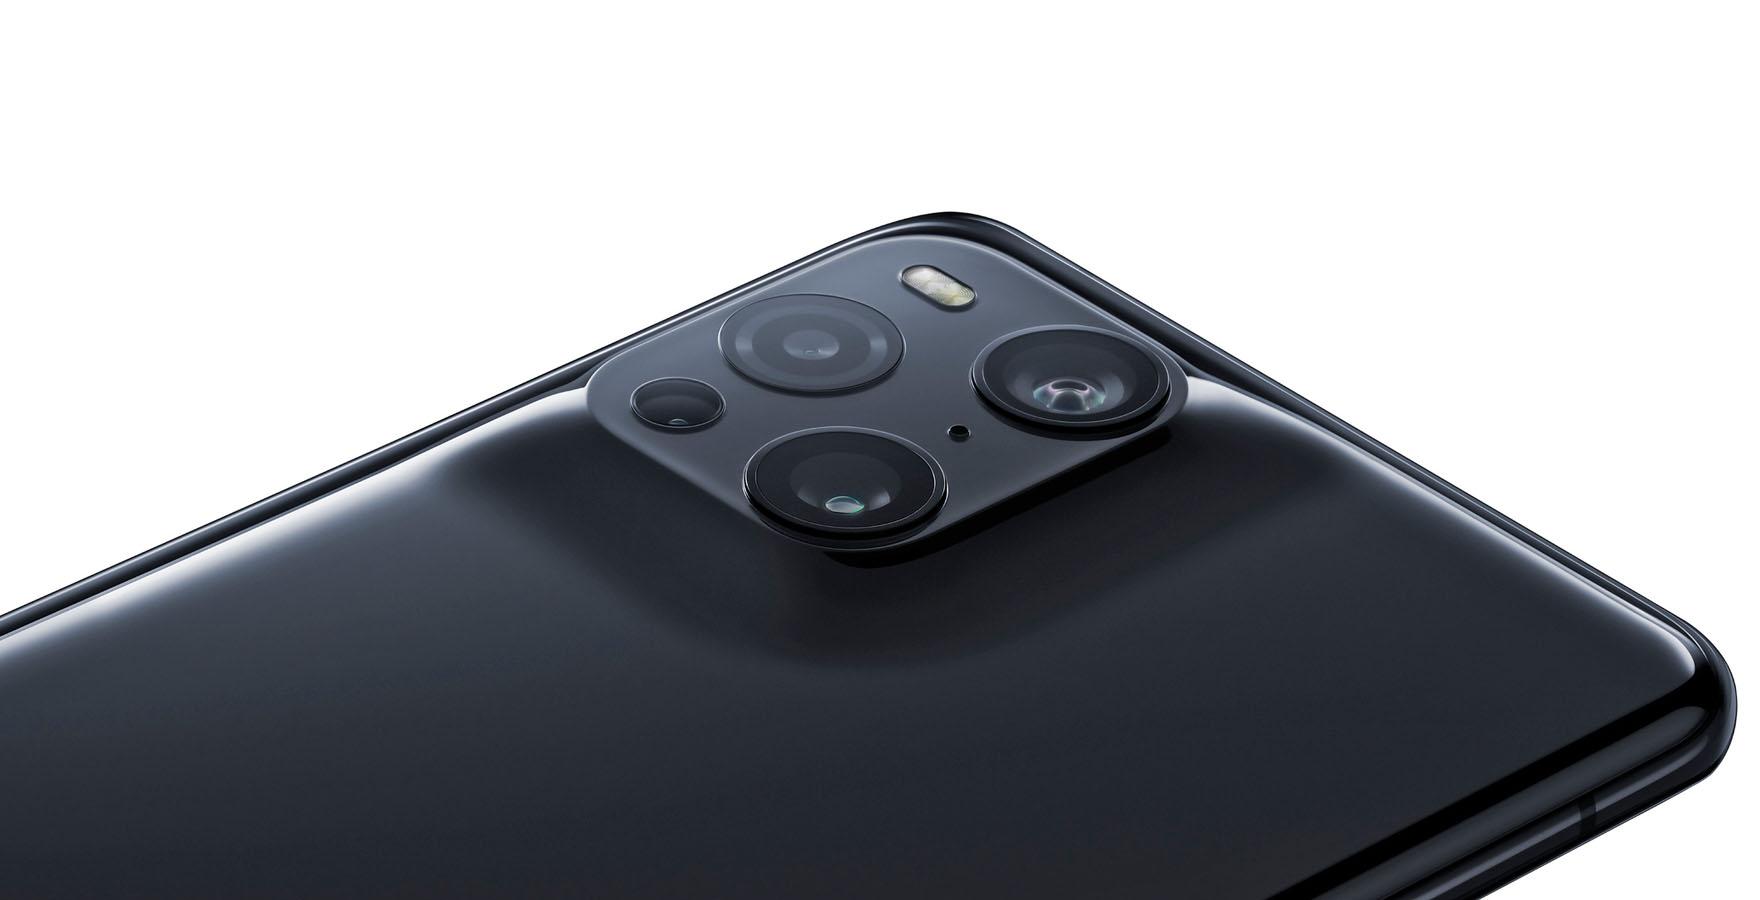 https://www.fotointern.ch/wp-uploads/2021/03/OPPO-Find-X3-Pro-Wireless-SuperVOOC.jpg